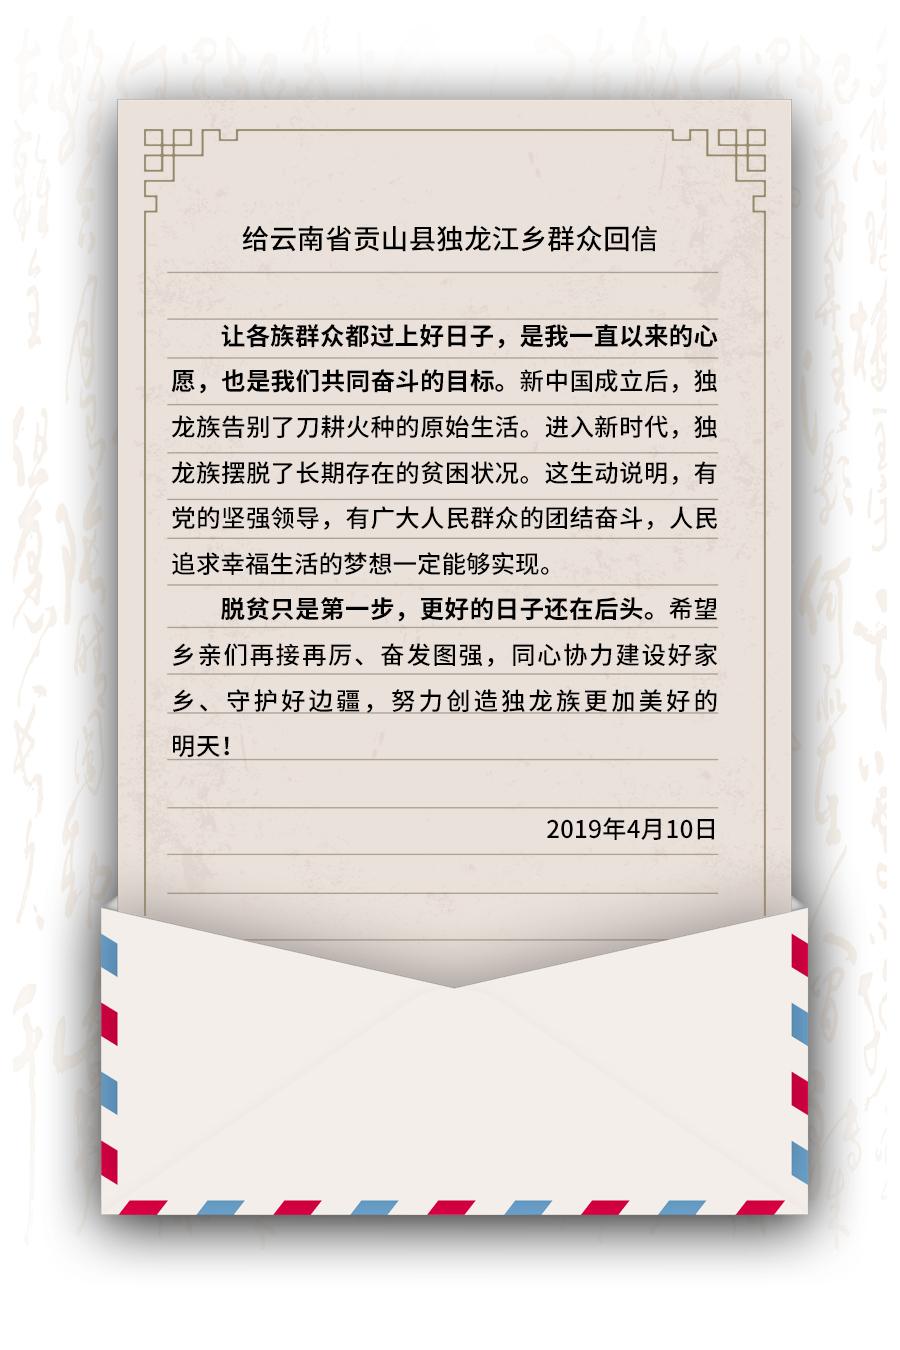 江苏省财经信息网_这些年 习近平给乡亲们的回信 - 中国日报网